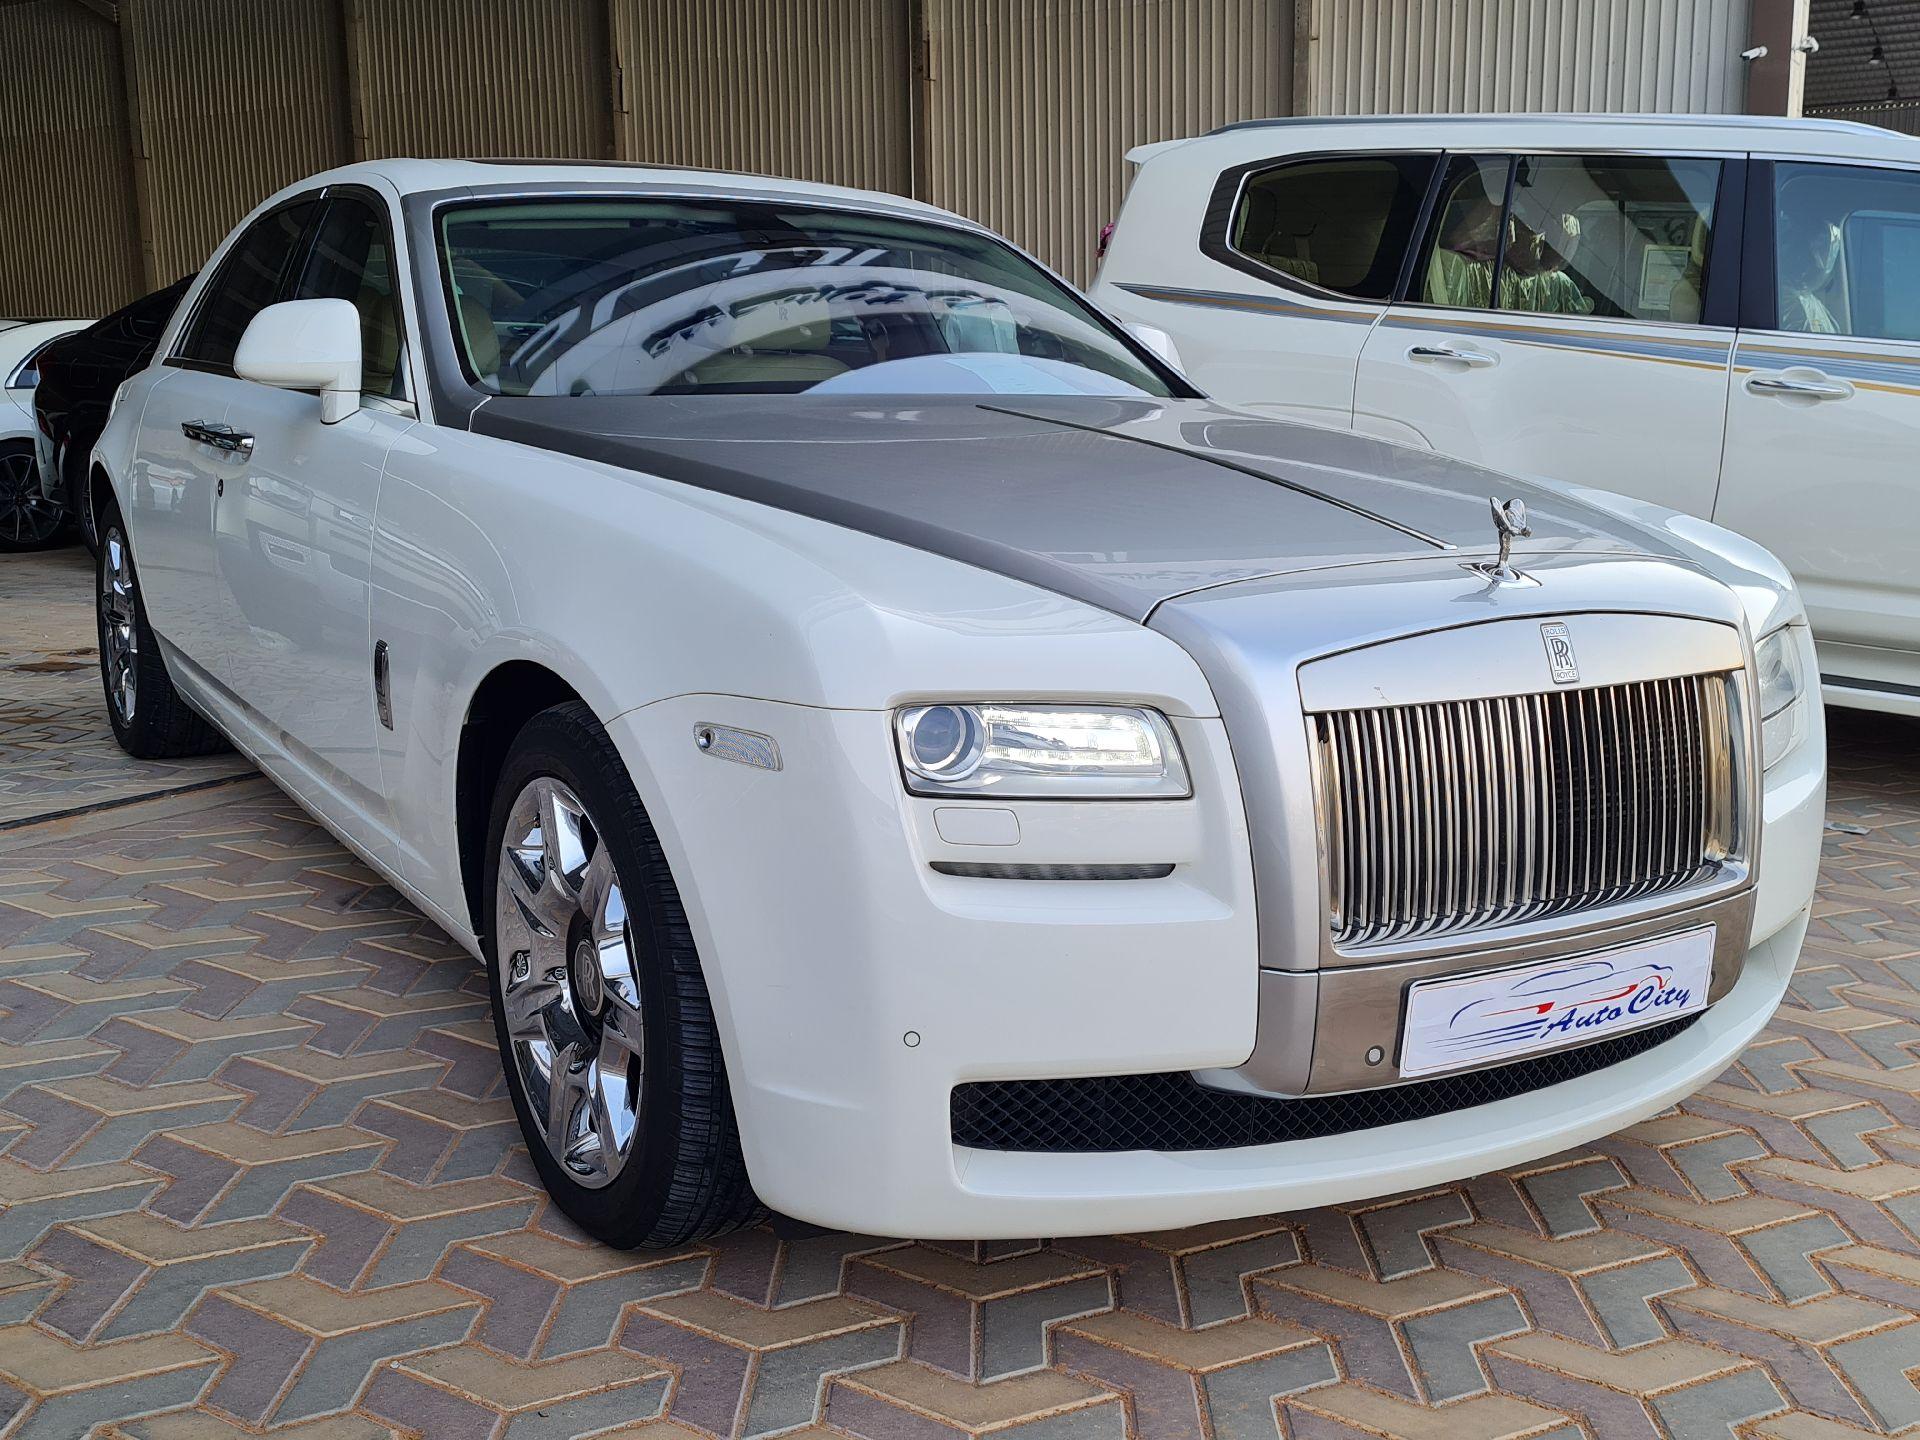 مباع - رولز رویس غوست 2013  سعودي للبيع في الرياض - السعودية - صورة كبيرة - 1